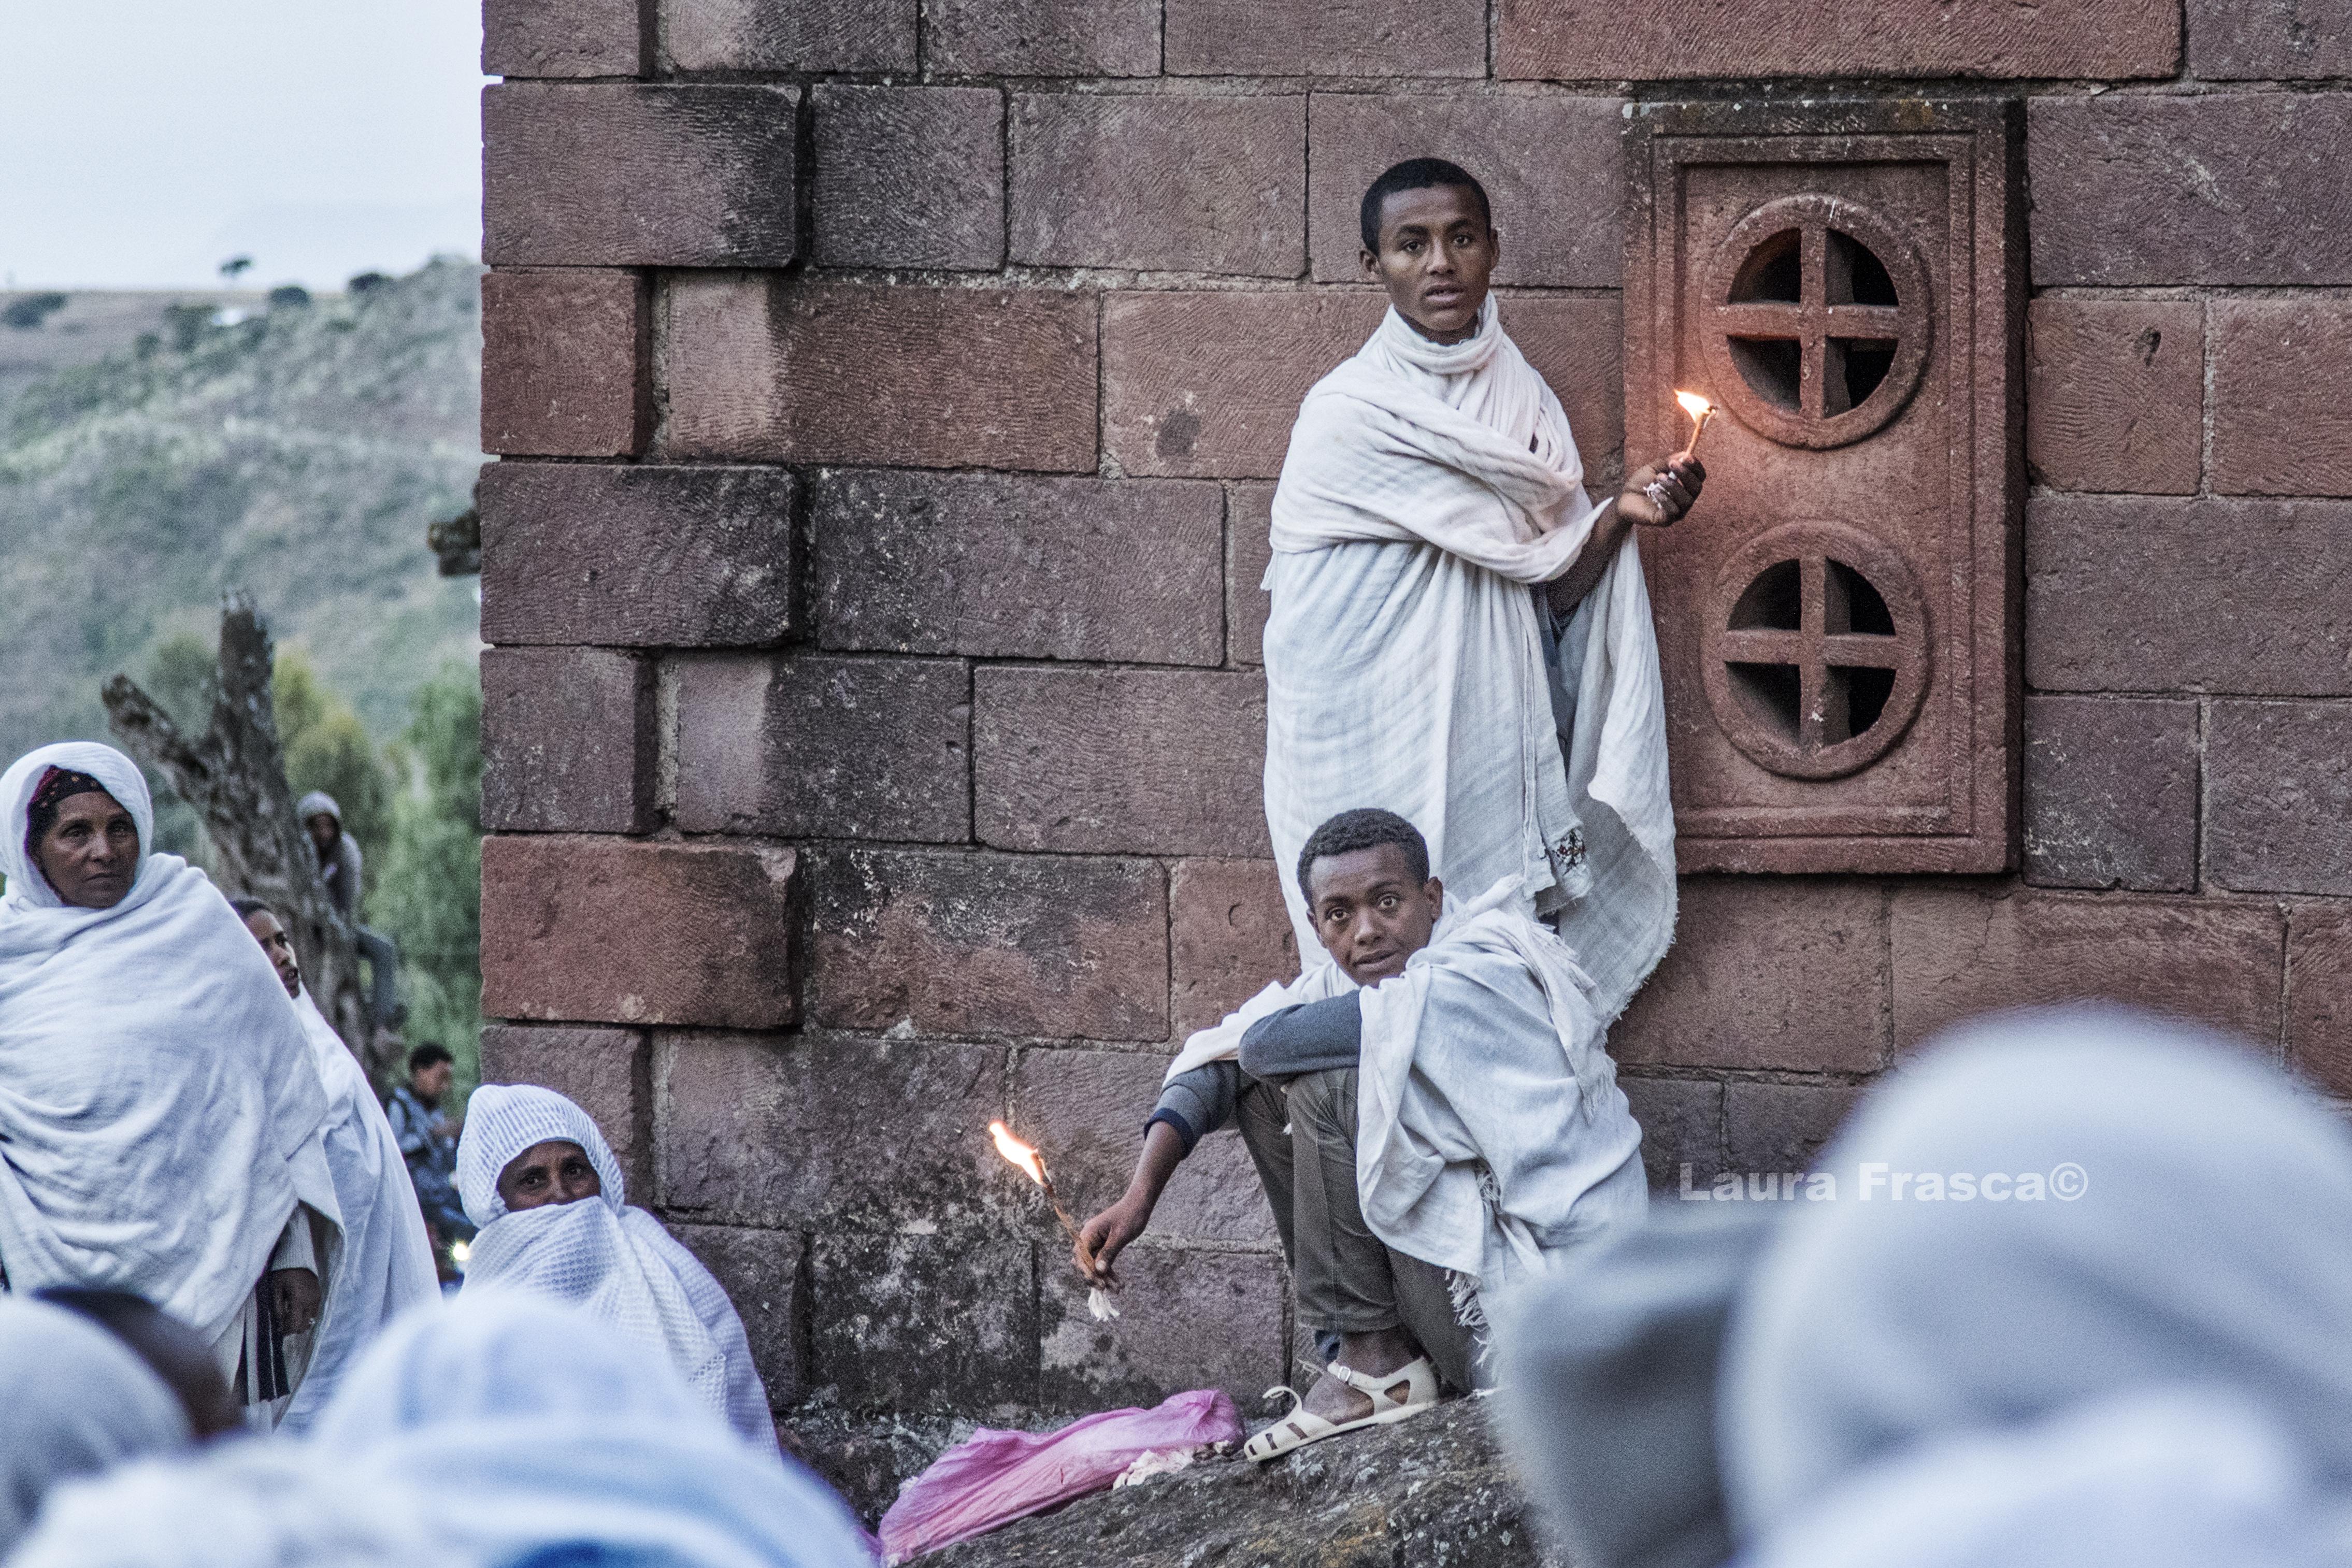 ETIOPIA, Rotta Storica